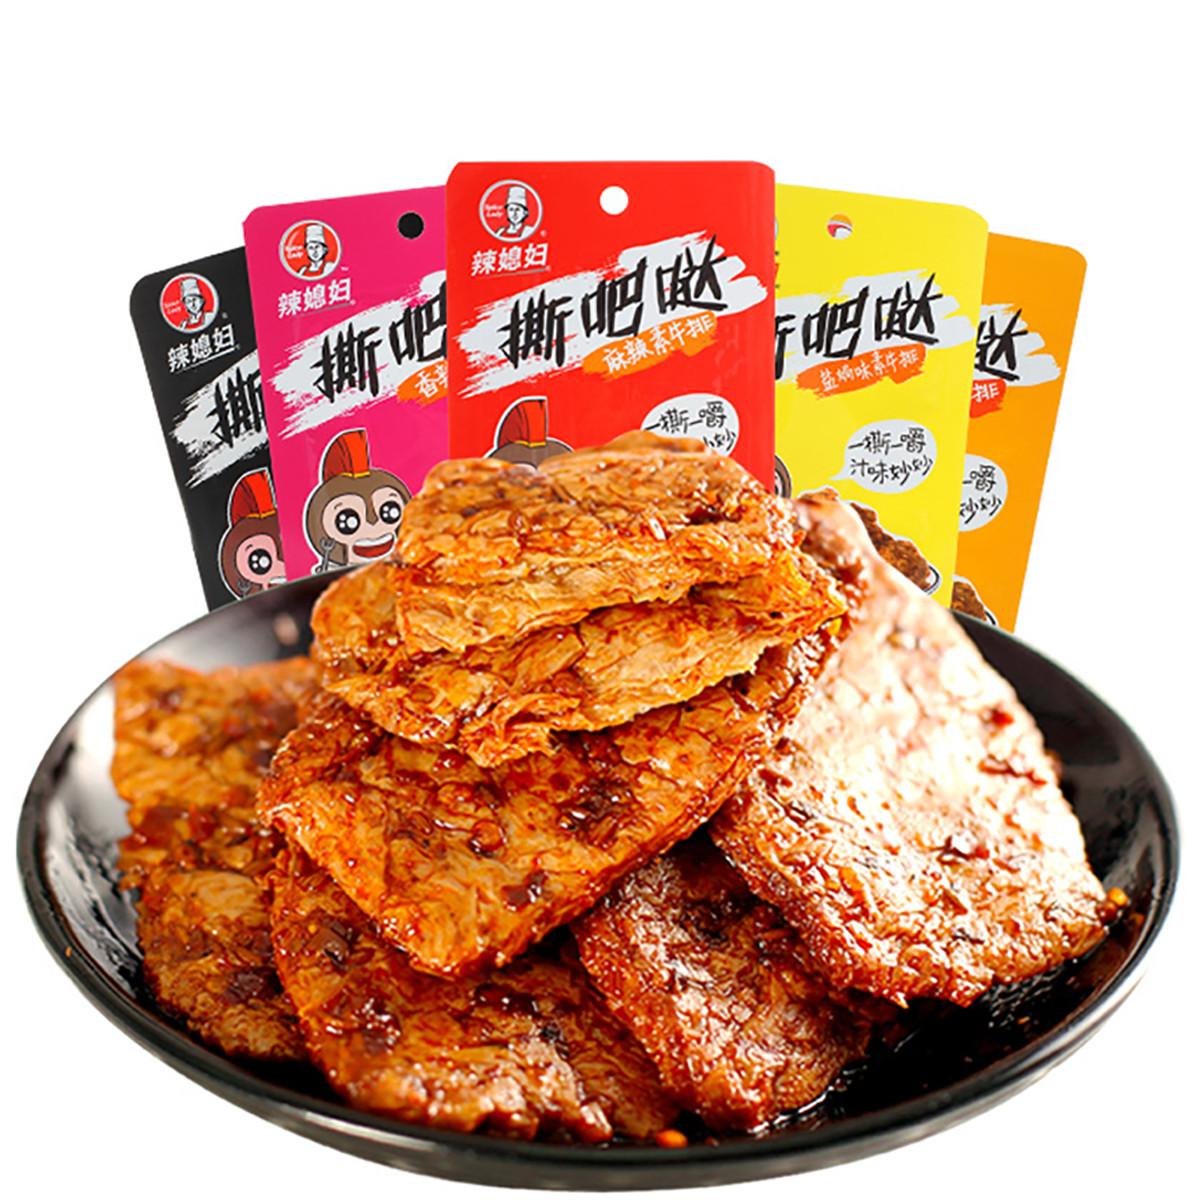 辣媳妇手撕素肉豆干重庆特产小吃豆制品素食豆腐干辣条零食1000gCOLOR其它颜色